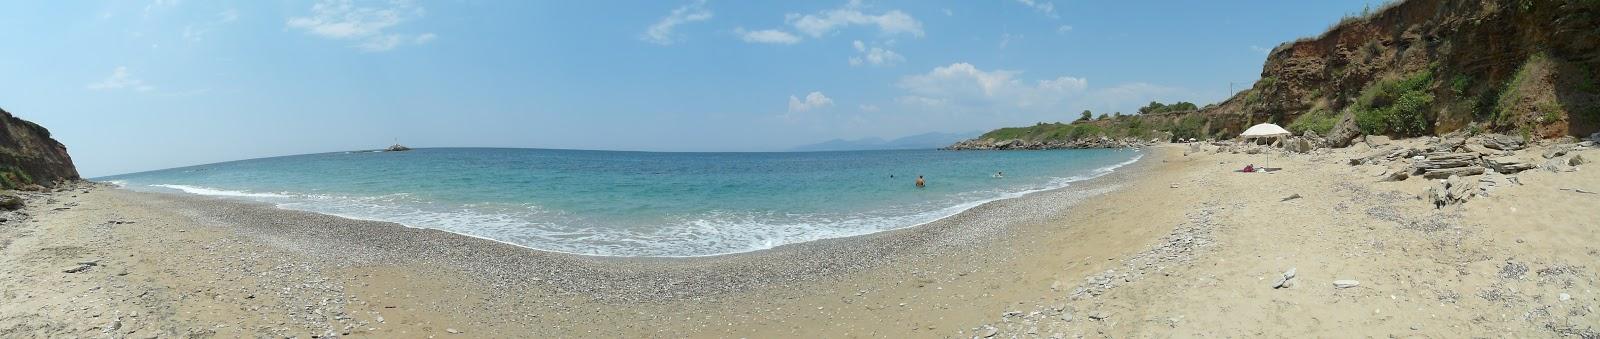 Faros beach pláž Řecko